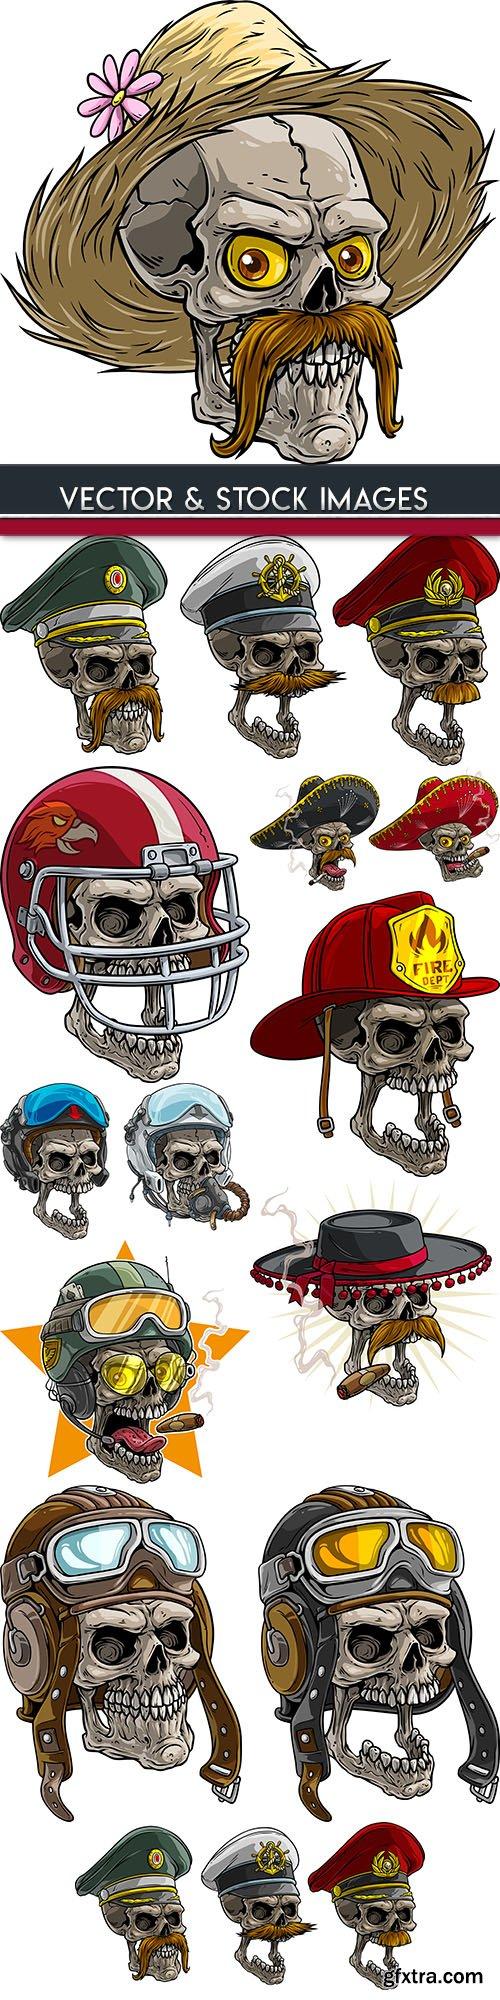 Skull grunge cartoon tattoo Halloween illustration